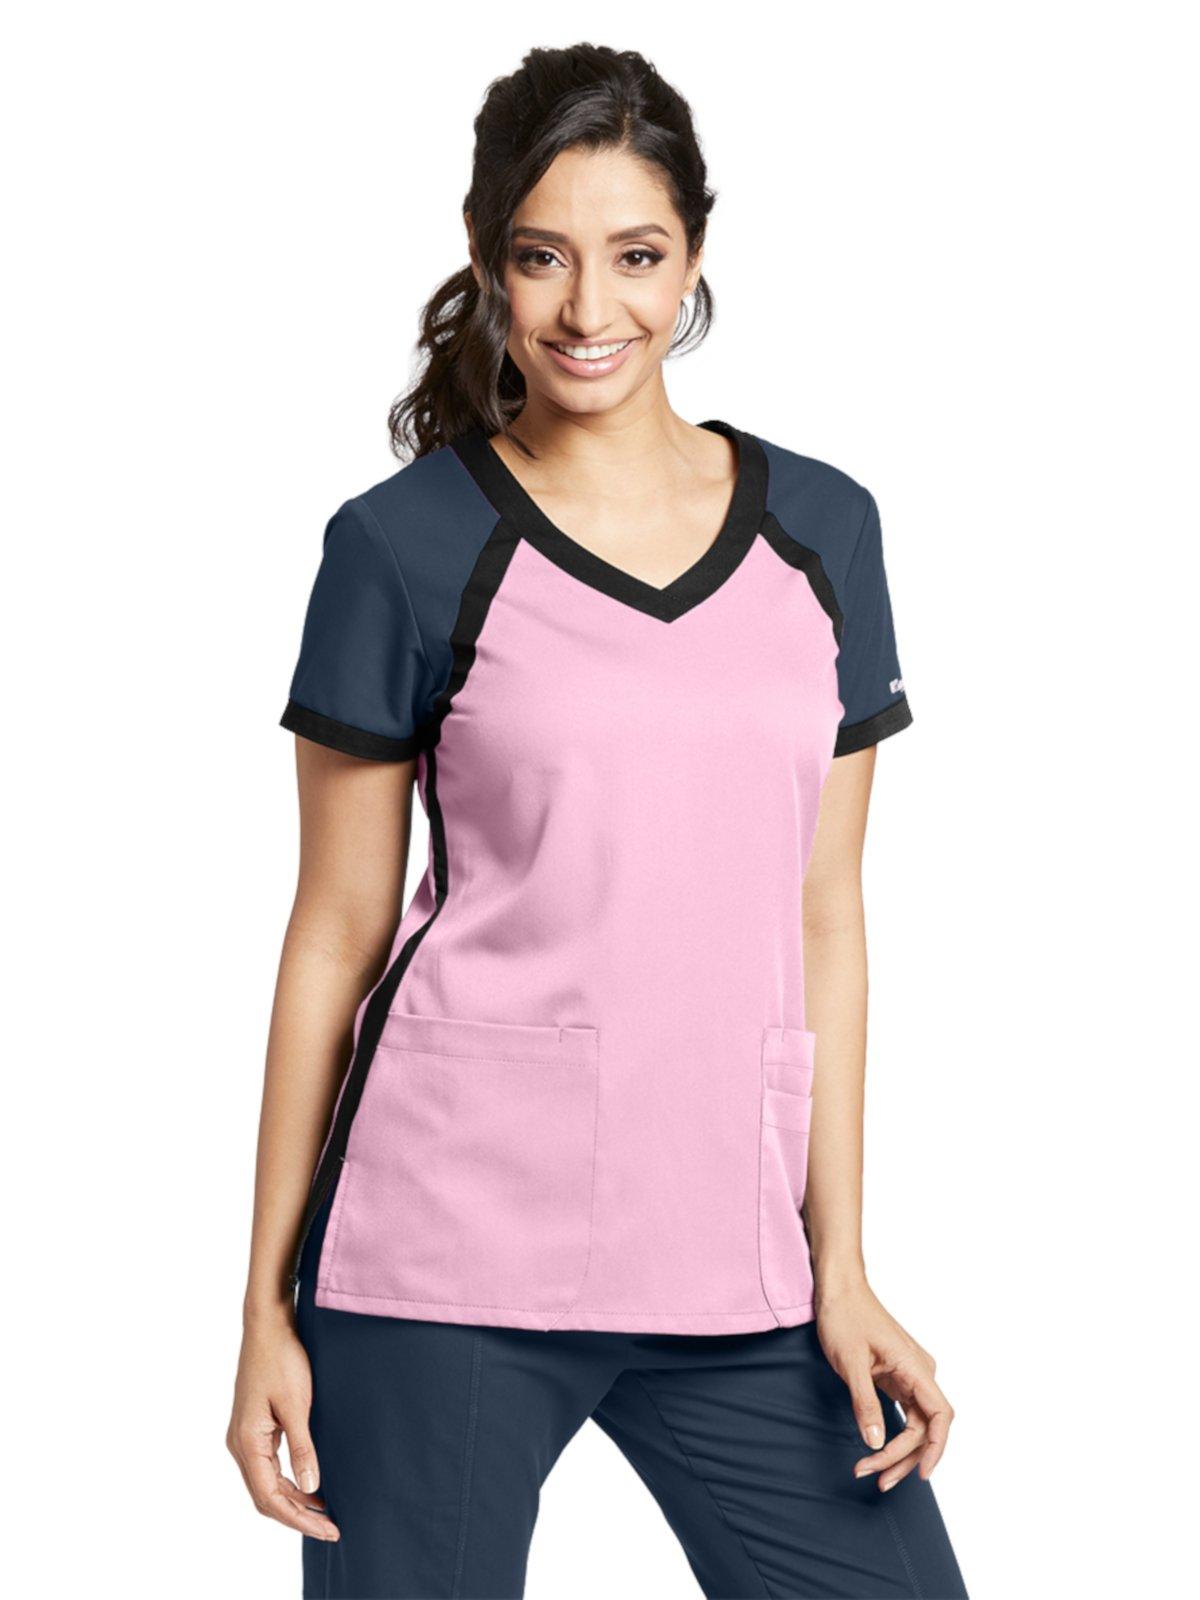 Grey's Anatomy Active 41435 Color Block V-Neck Top Lilac Pearl/Steel/Black XL